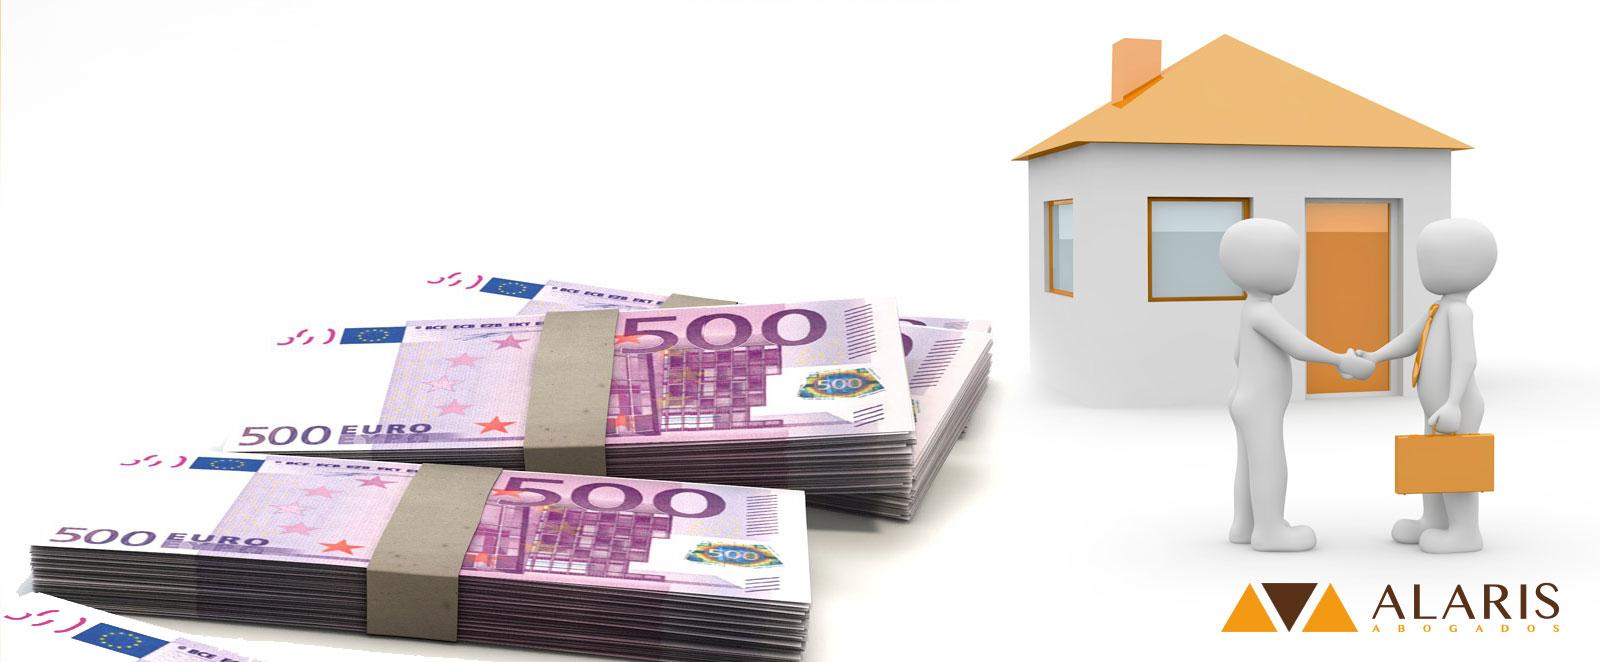 Inmobilien nach Plan gekauft